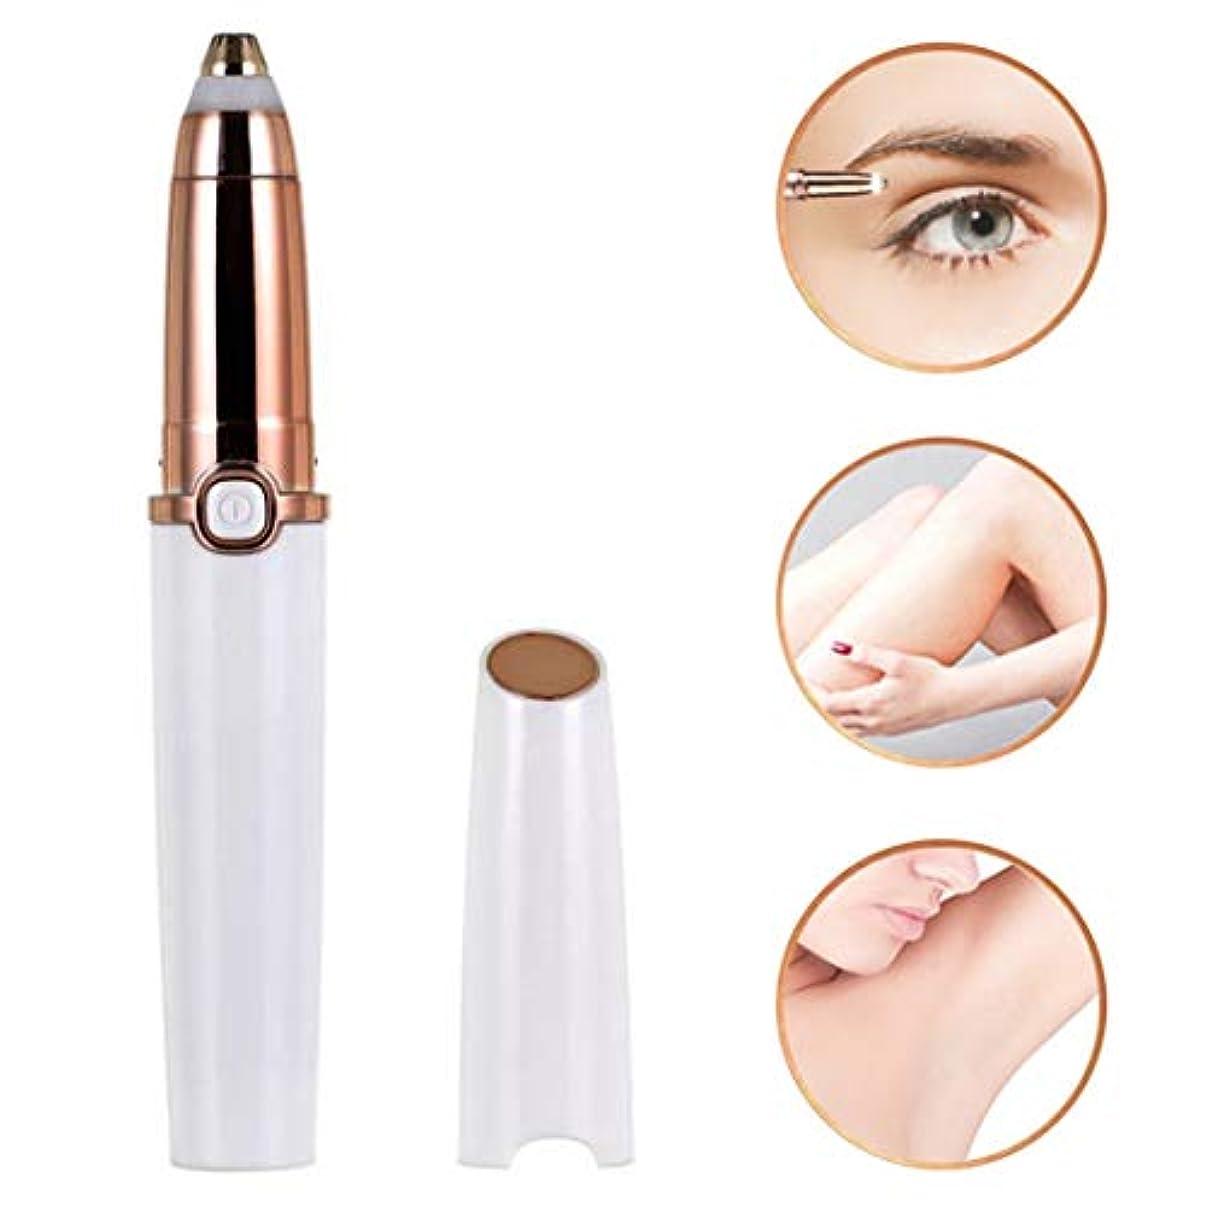 にじみ出る成長正直USB充電機能を備えた眉毛トリマー、女性用および男性用のポータブルで安全で痛みのない精密な顔面精密トリマー,白